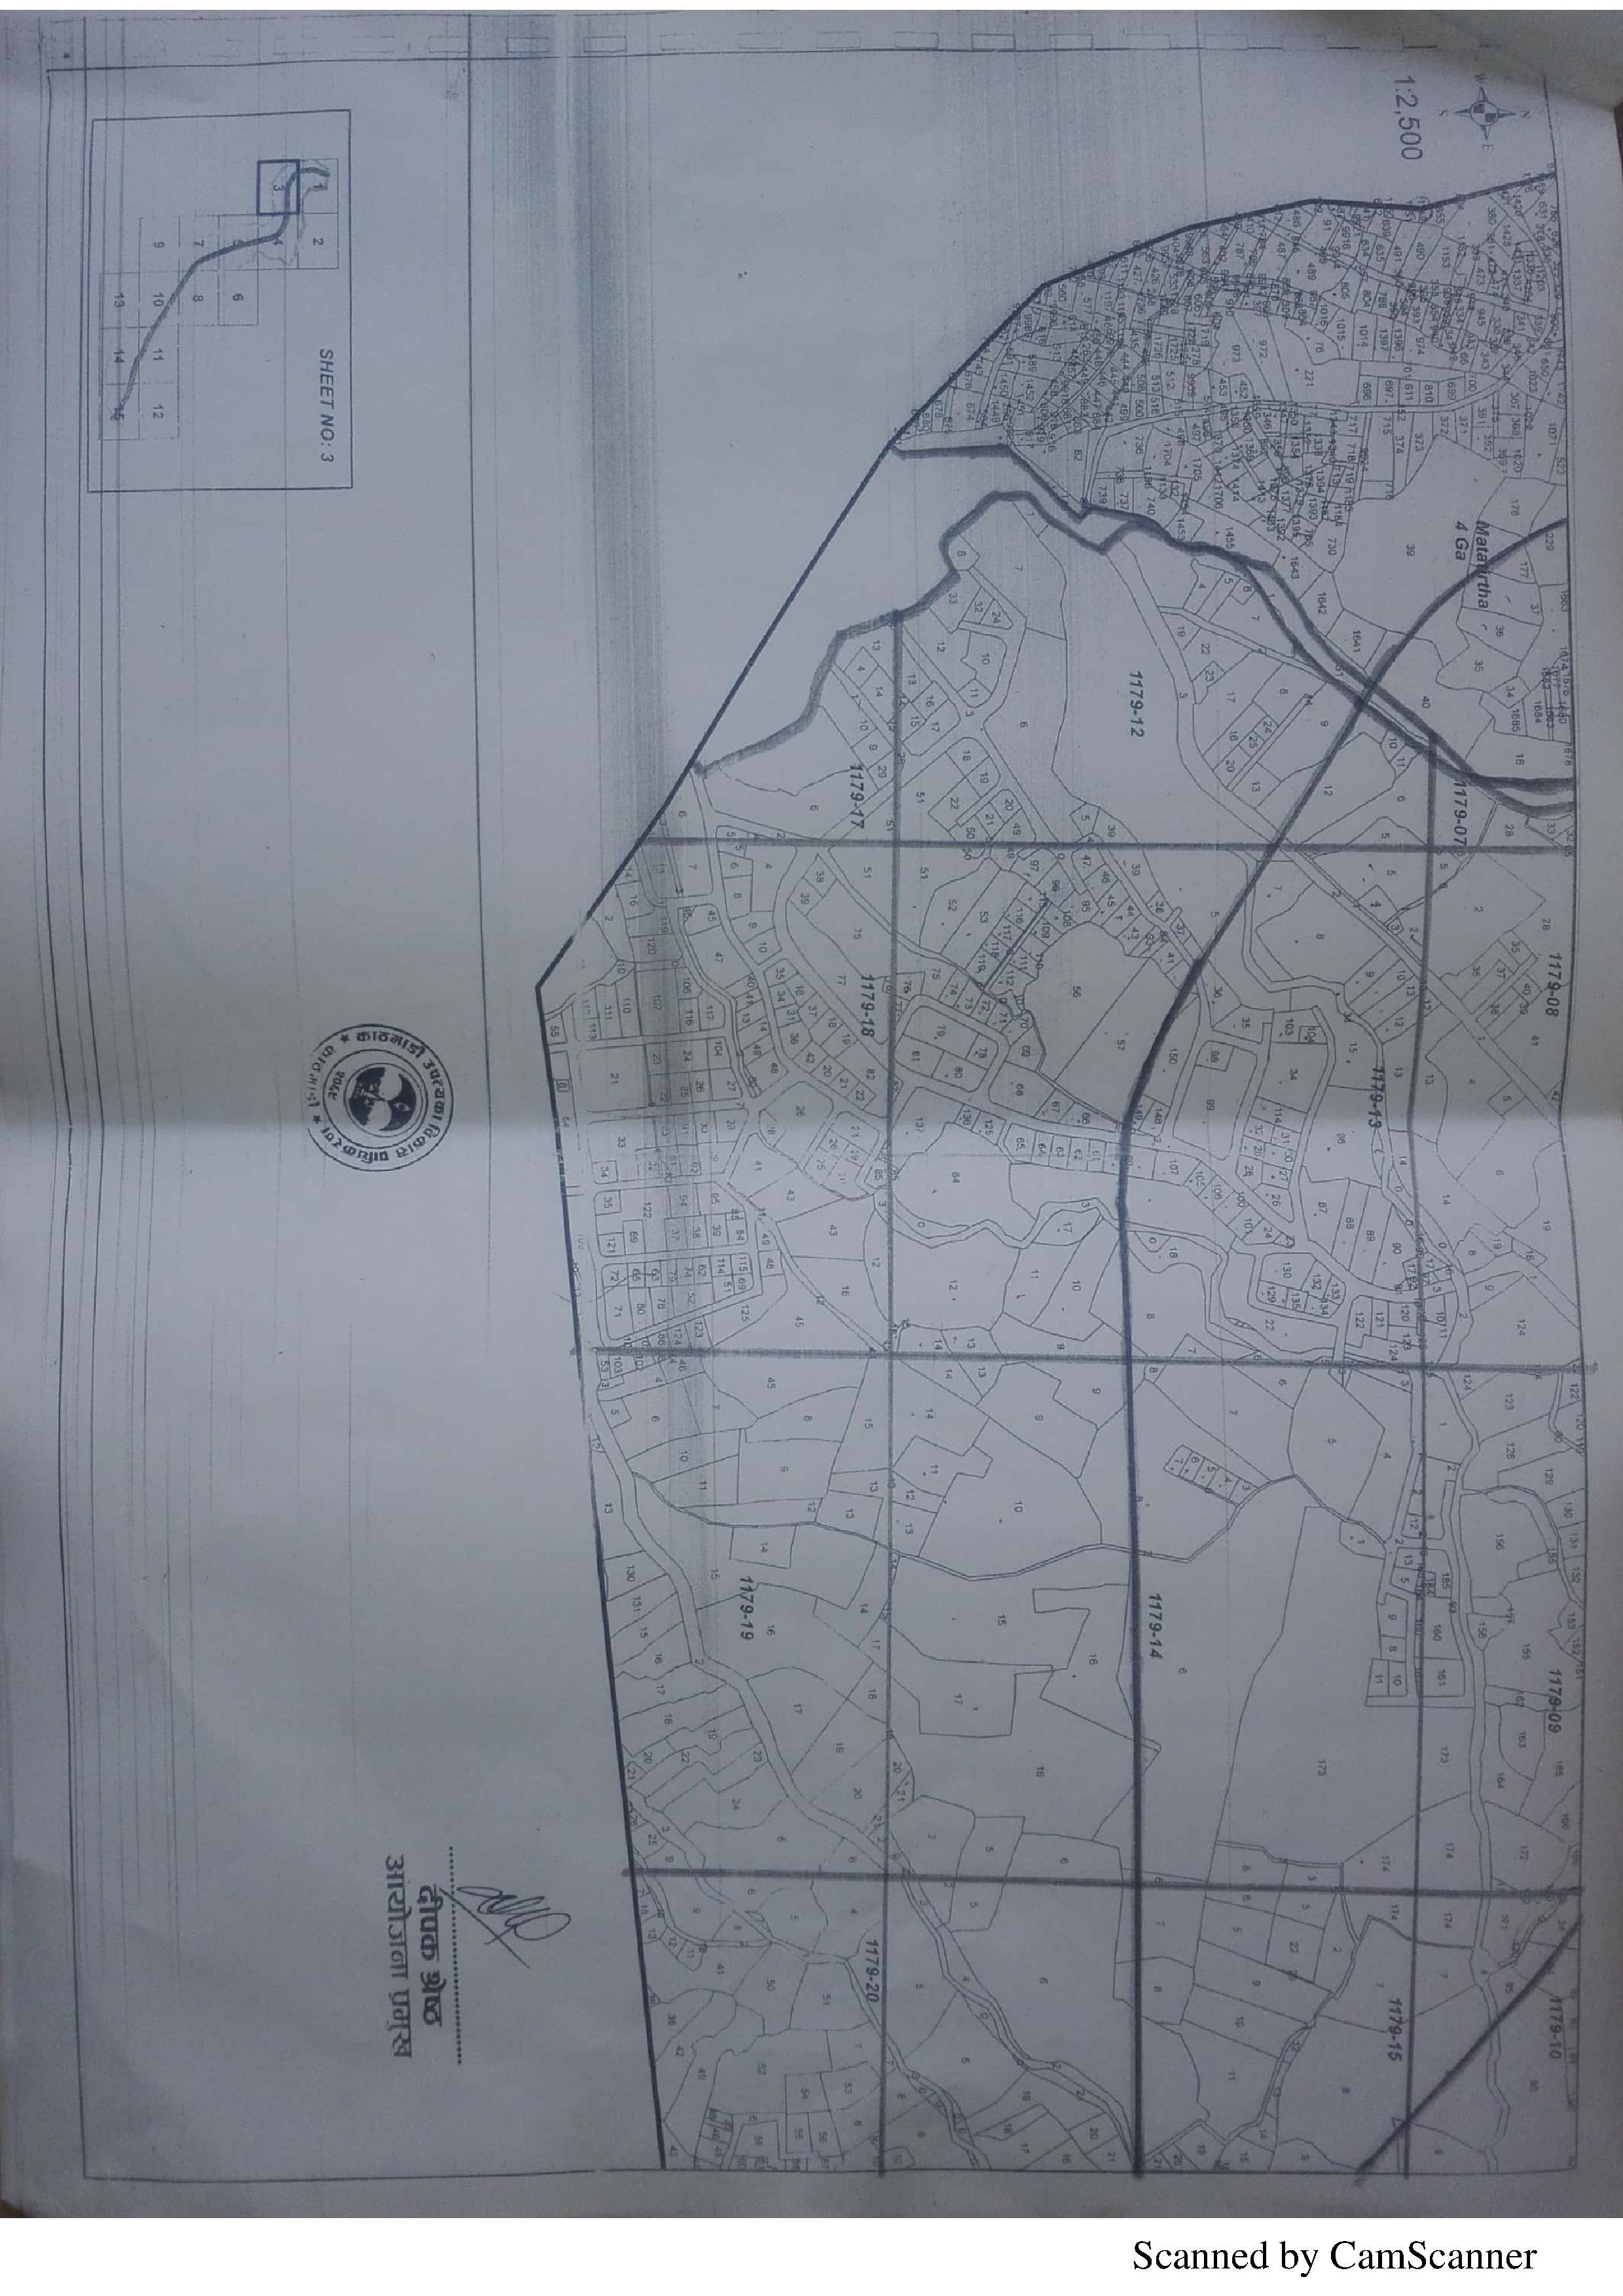 Chandragirinews outer-ring-road-3 बाहिरी चक्रपथको डि.पि.आर. (कित्ता न. सहित) तीनथाना दहचोक नगरपालिका नैकाप नयाँ भन्ज्यांग नैकाप पुरानो भन्ज्यांग बोसिंगाउँ ब्रेकिंग न्युज मछेगाउँ मातातिर्थ मुख्य राष्ट्रिय सतुंगल    chandragiri